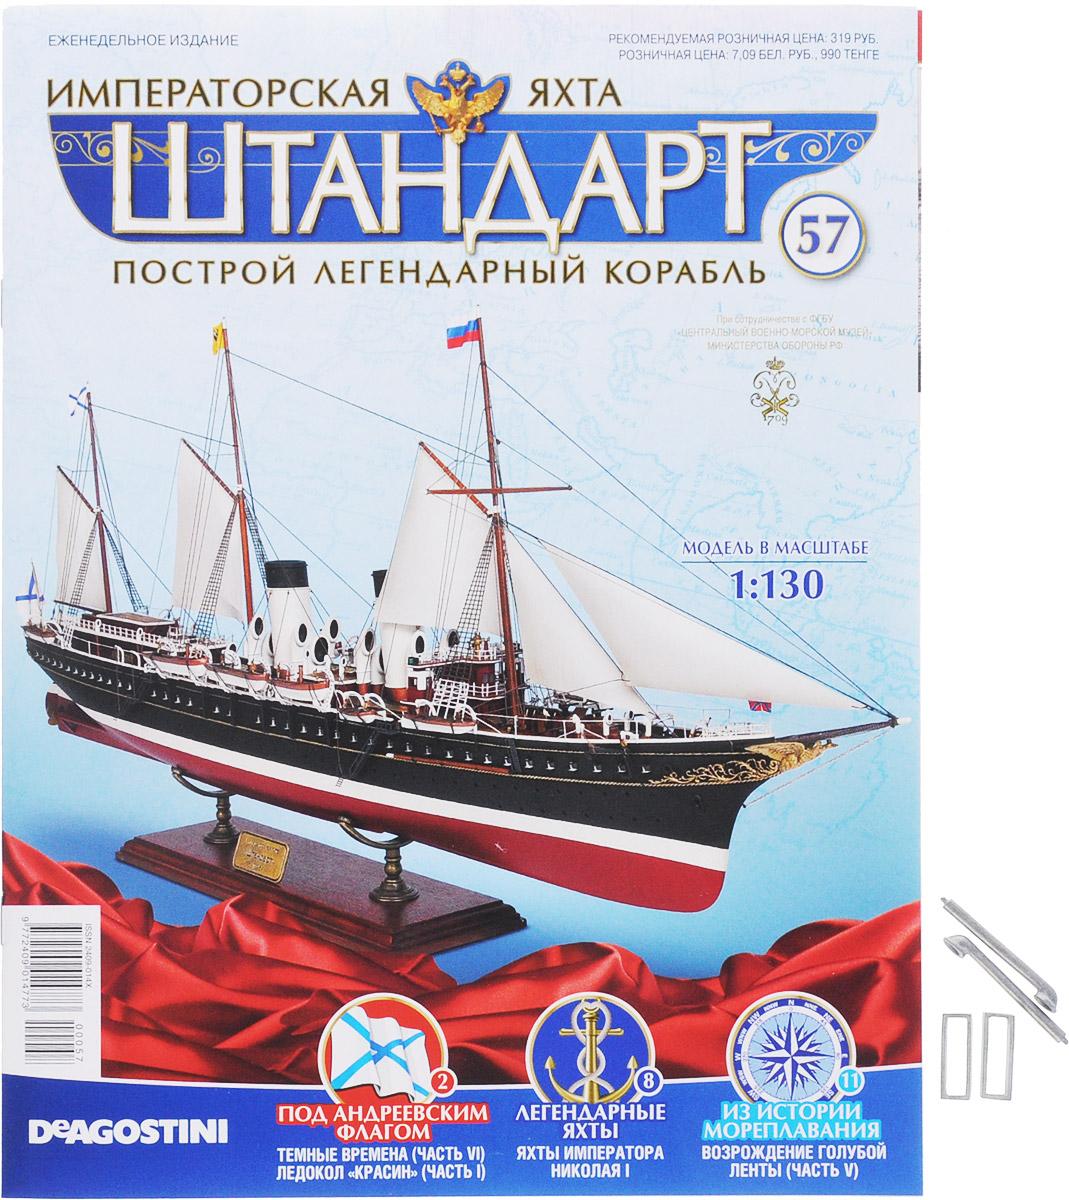 """Журнал """"Императорская яхта""""ШТАНДАРТ"""" №57,"""